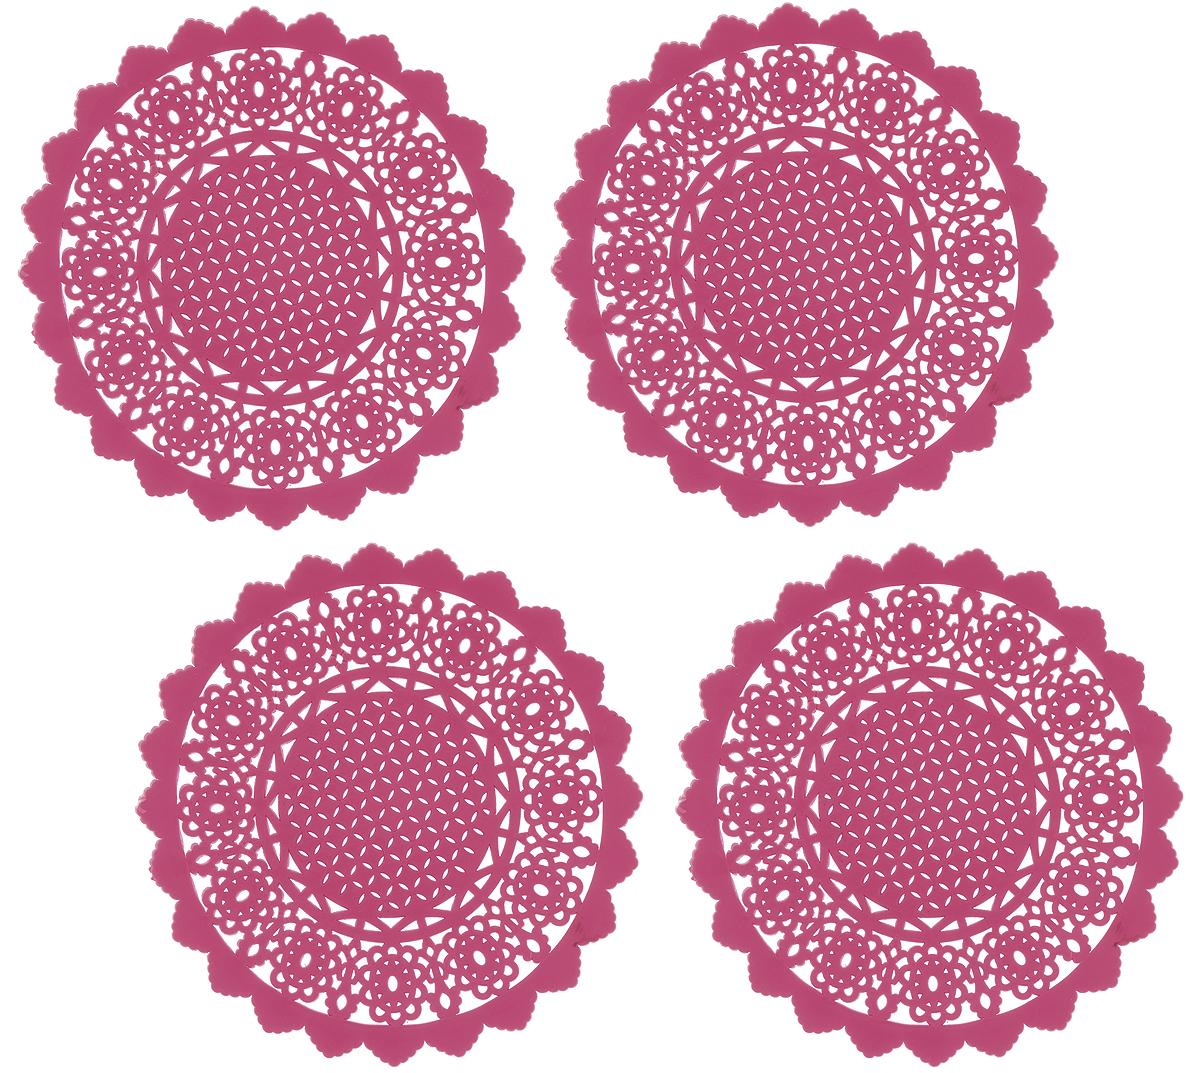 Набор подставок под горячее Доляна Ажур, цвет: коралловый, диаметр 10 см, 4 шт939019_коралловыйНабор Доляна Ажур состоит из 4 силиконовых подставок под горячее. Силиконовая подставка под горячее - практичный предмет, который обязательно пригодится в хозяйстве. Изделие поможет сберечь столы, тумбы, скатерти и клеёнки от повреждения нагретыми сковородами, кастрюлями, чайниками и тарелками.